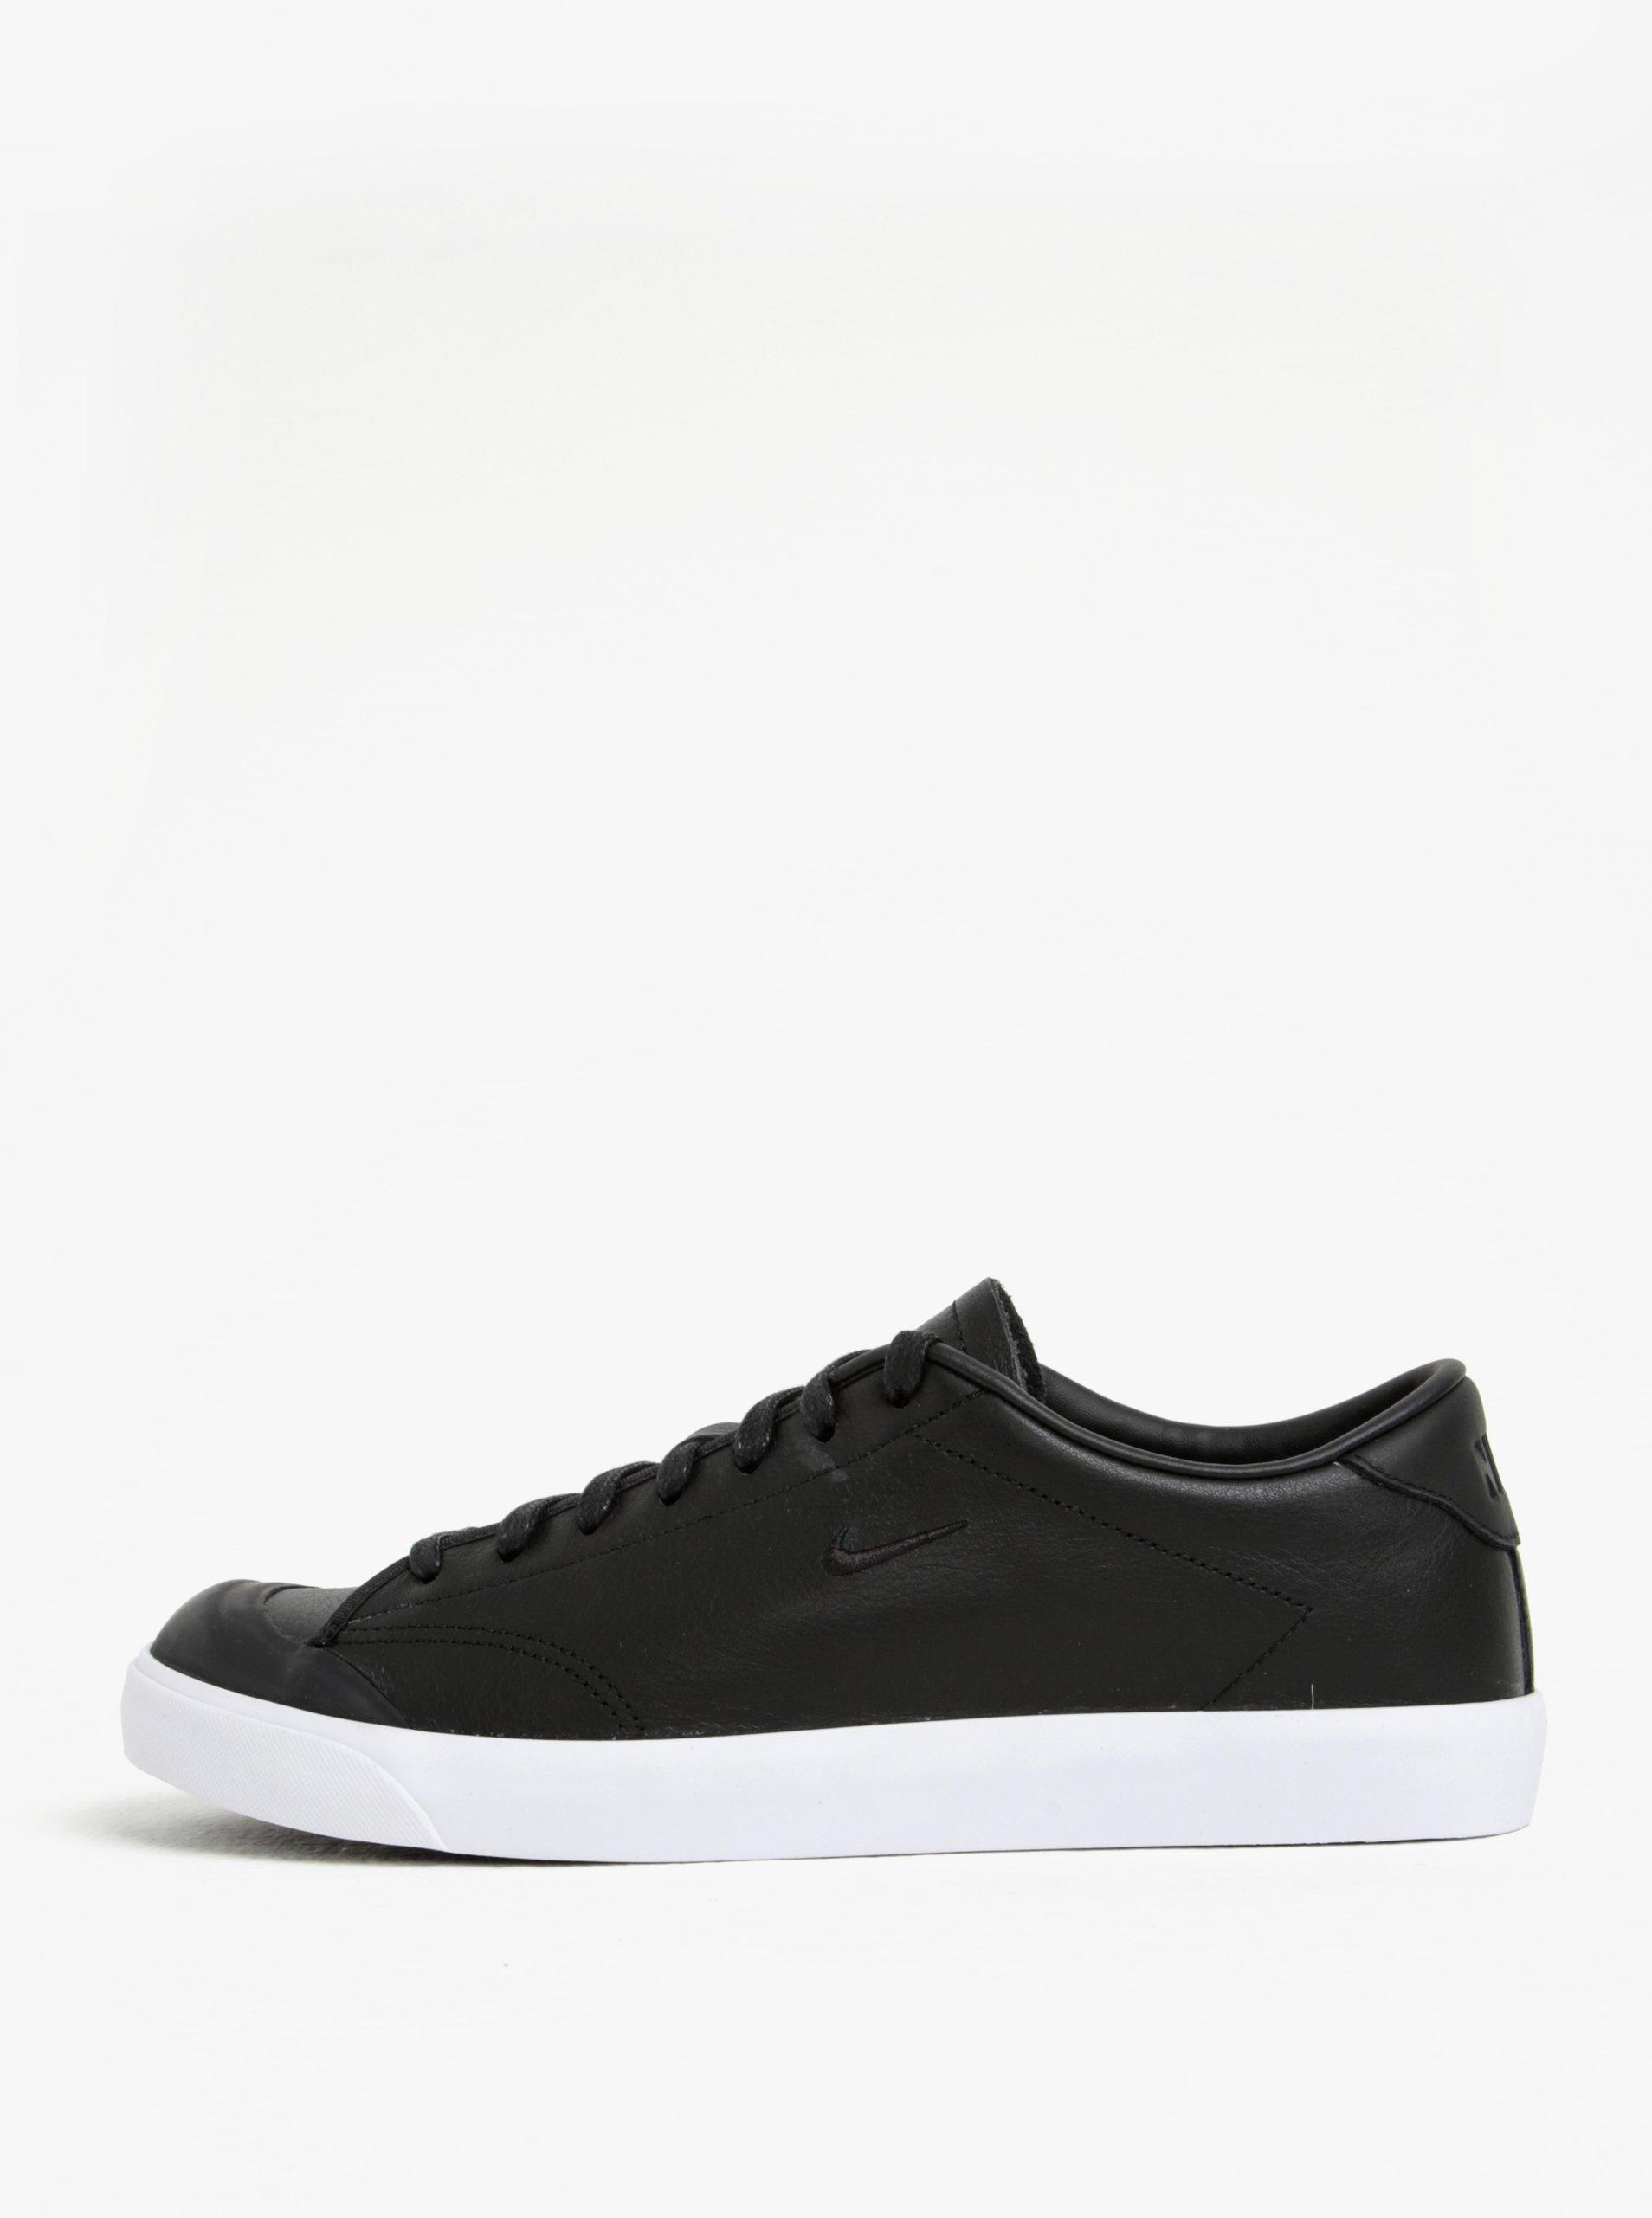 Čierne pánske kožené tenisky Nike All Court 2 Low 99999278dfb